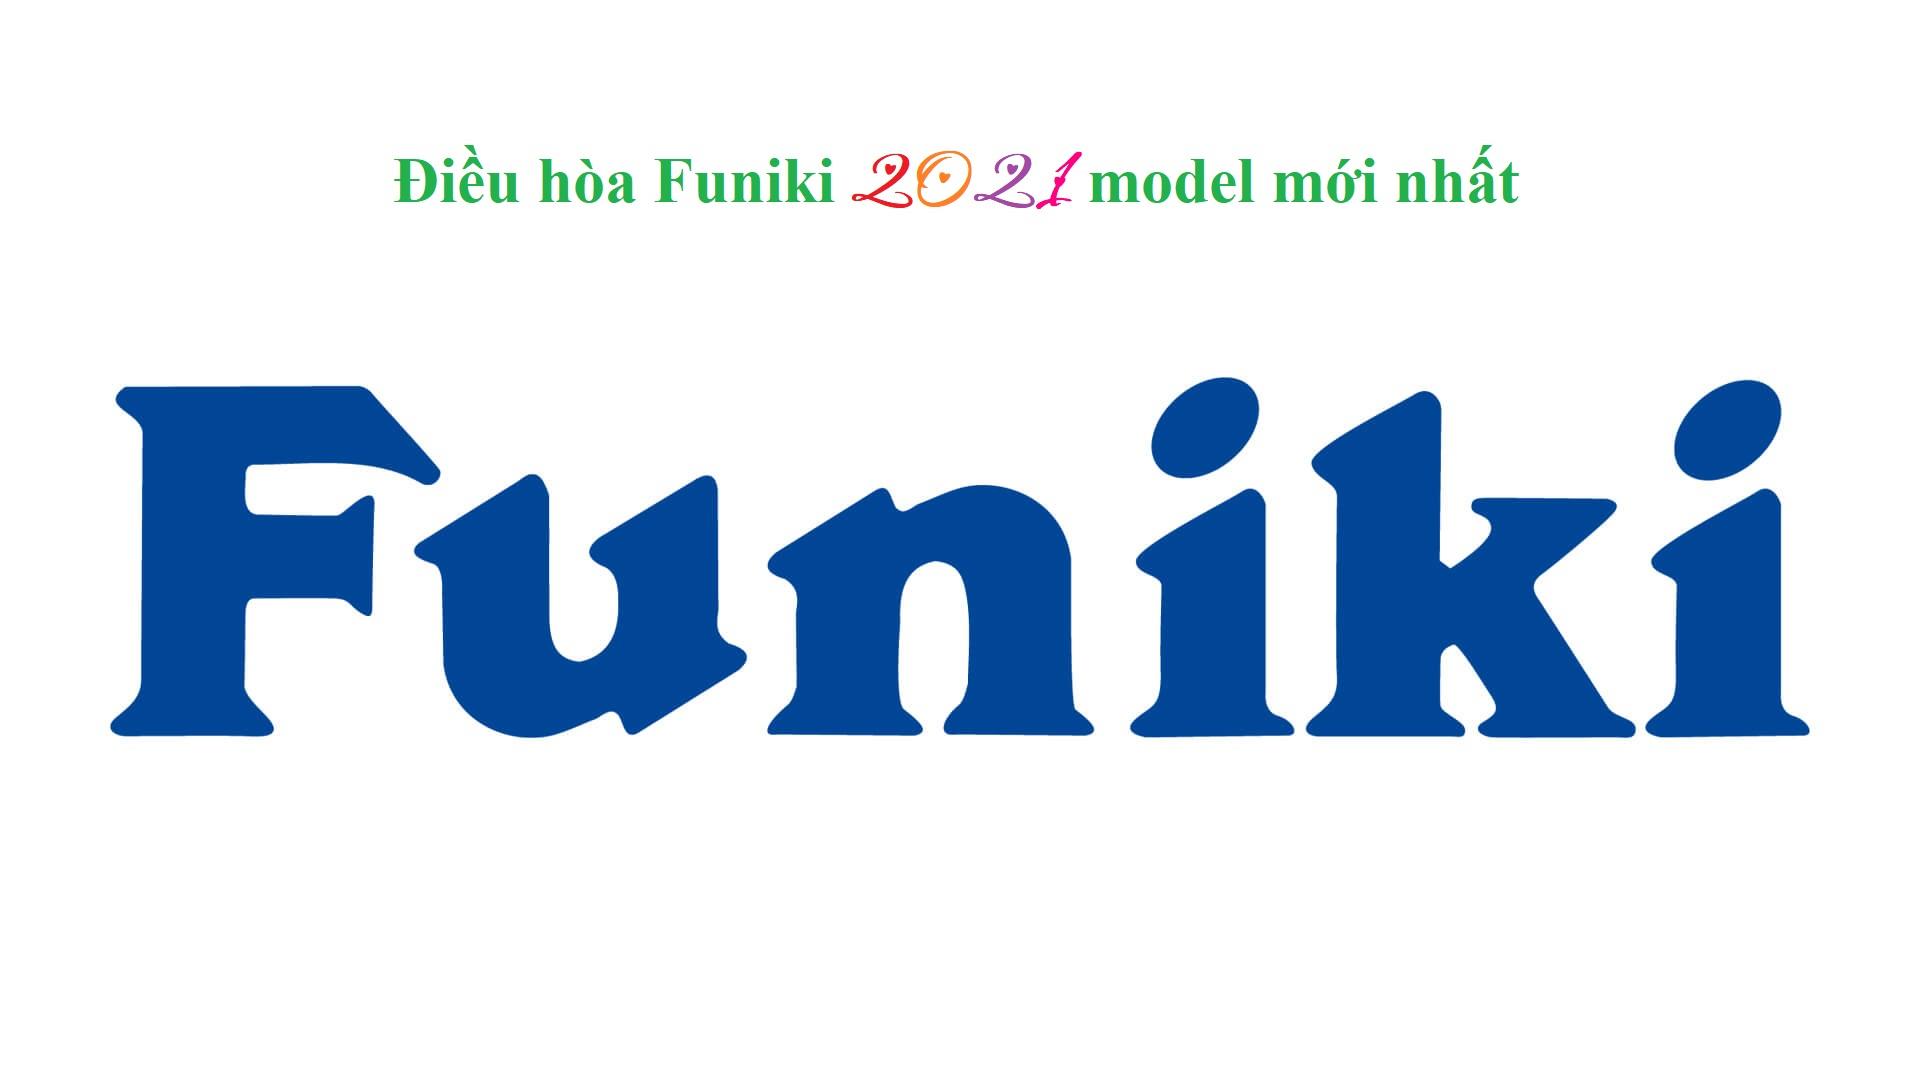 Điều hòa Funiki 2021 model mới nhất